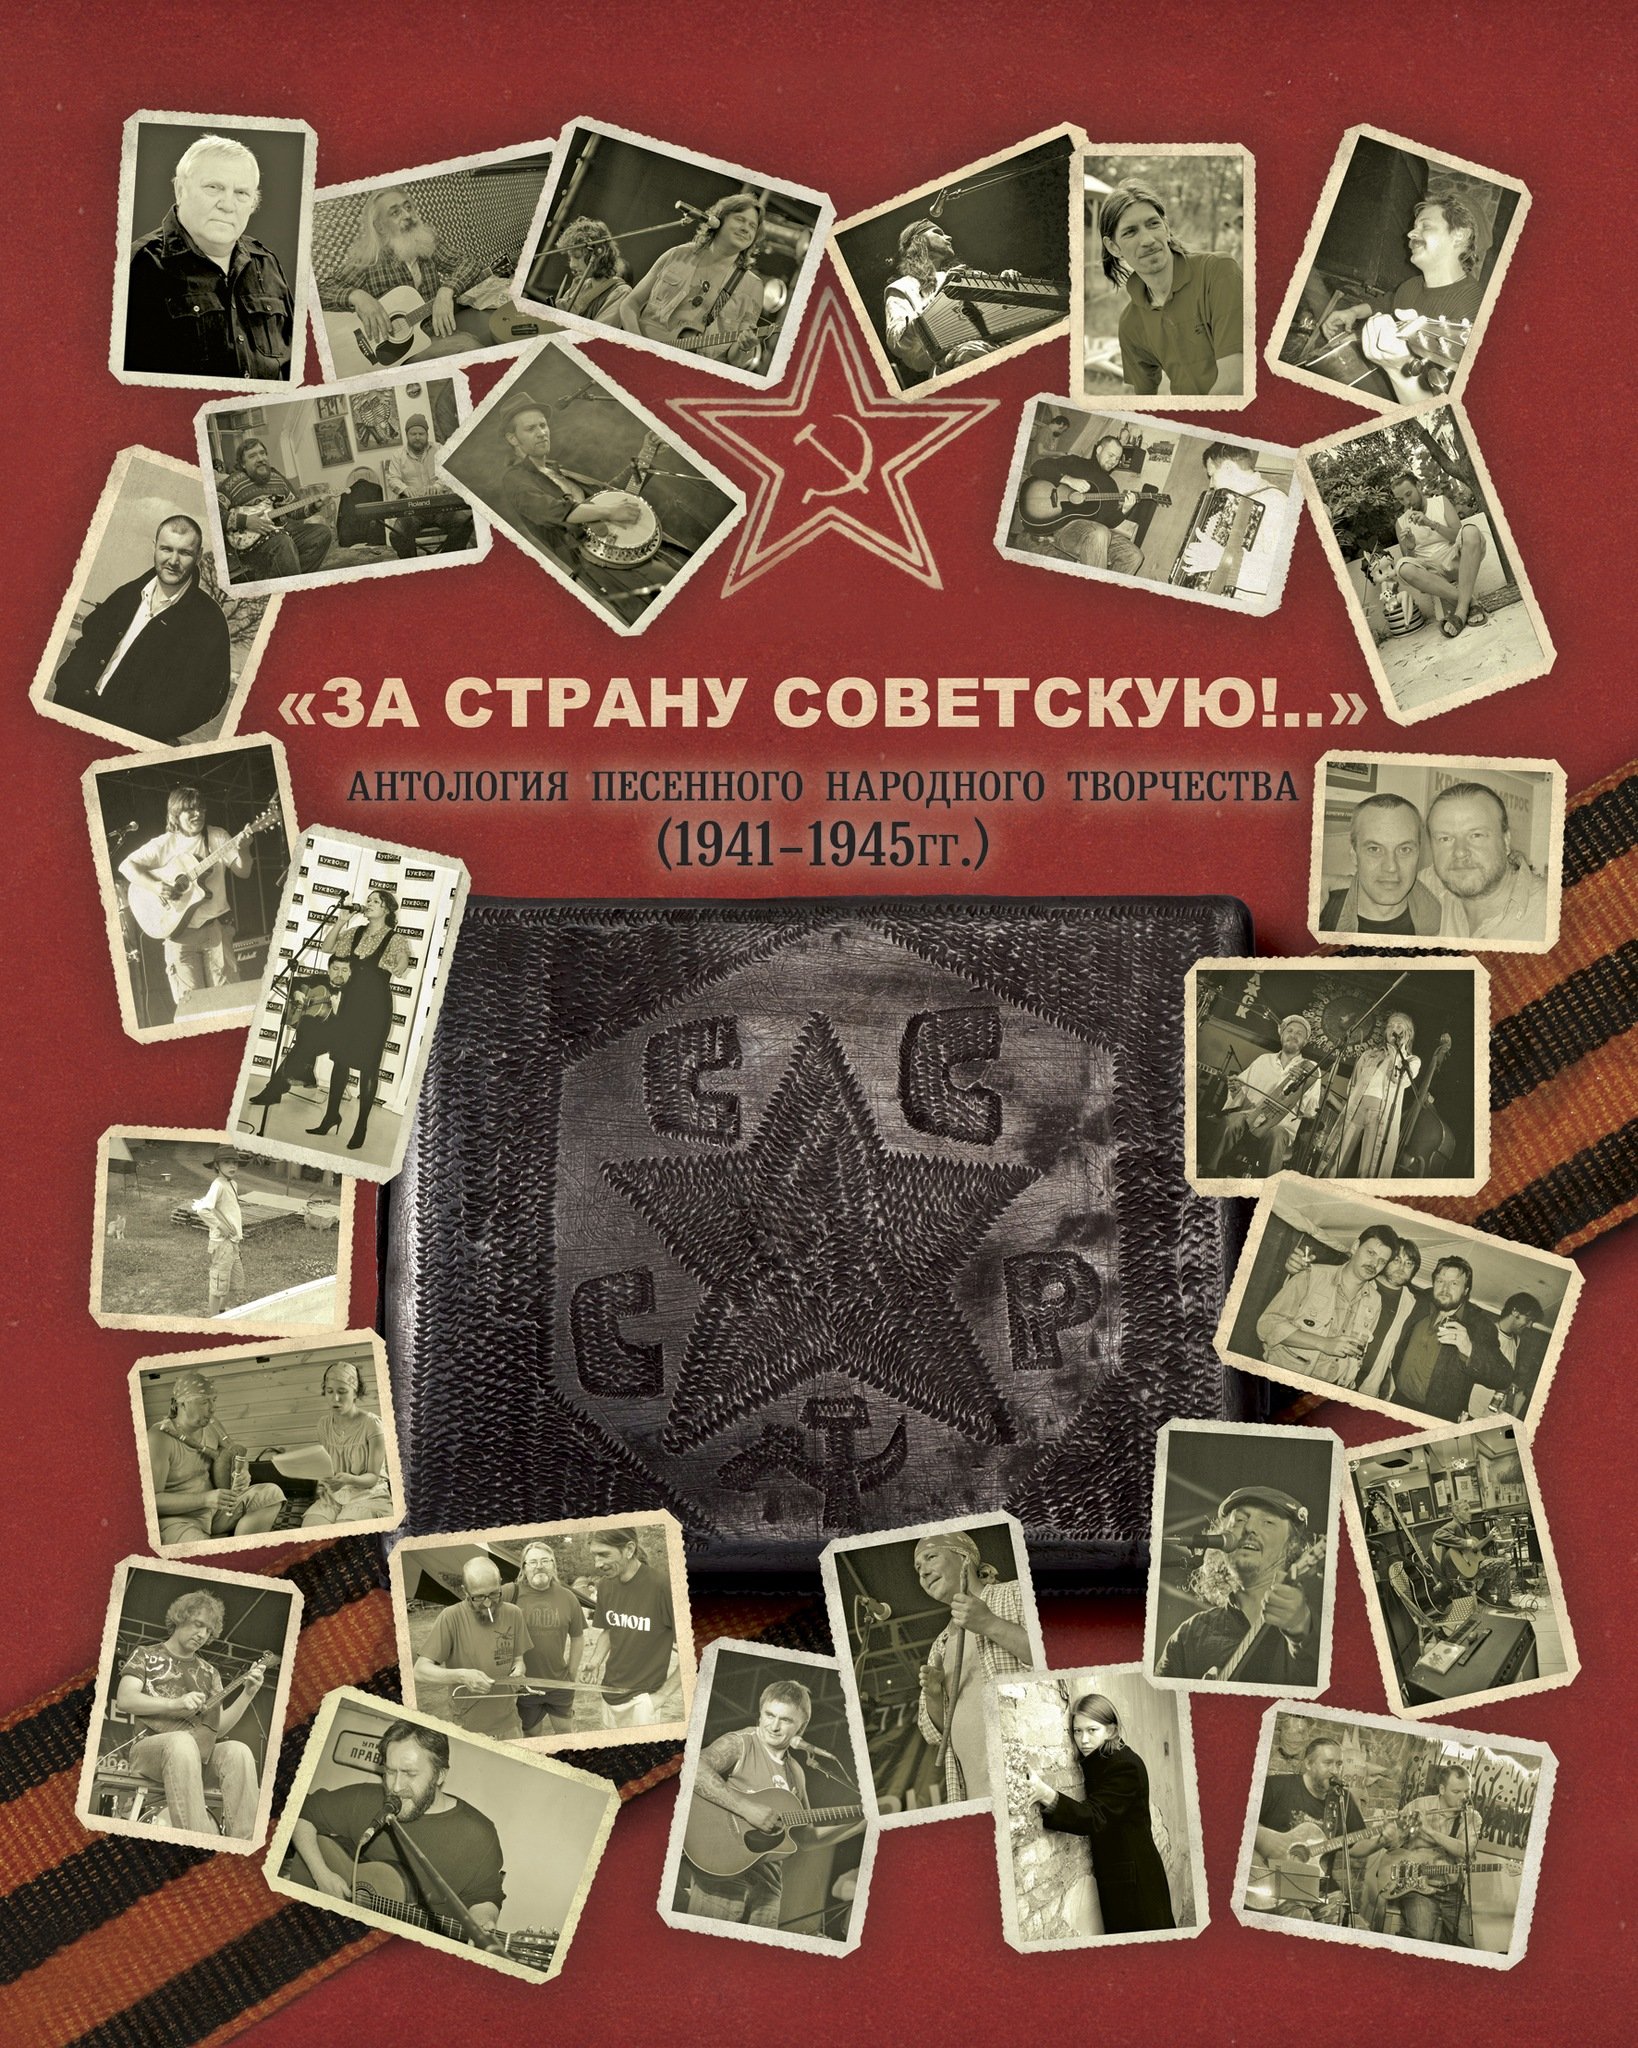 Постеры с музыкантами, участвовавшими в создании пластинок «Красного матроса». Из архива И. Шушарина